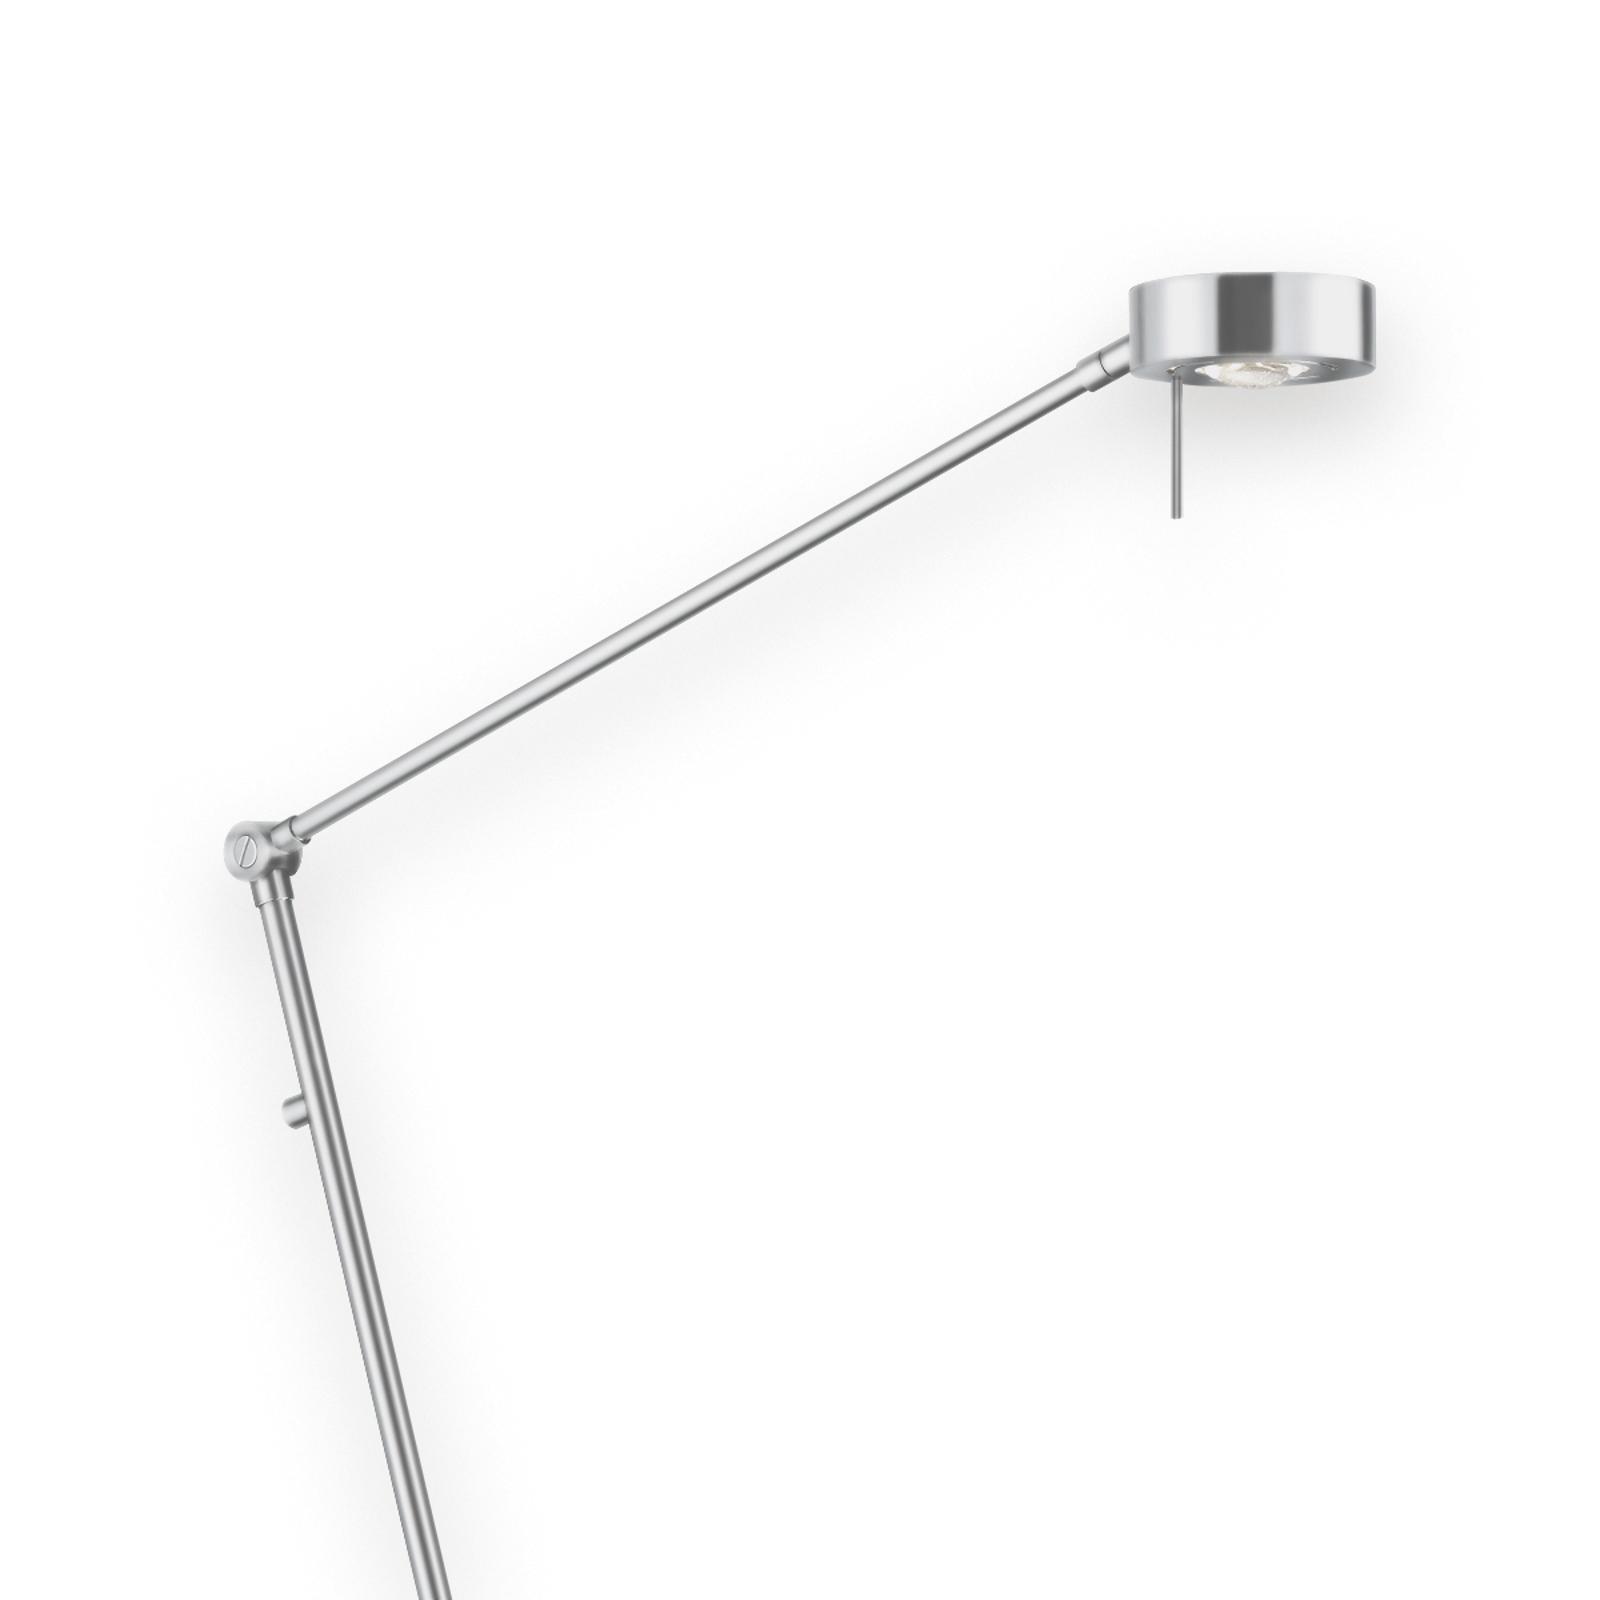 Tenká stojací lampa LED Elegance 3 klouby nikl